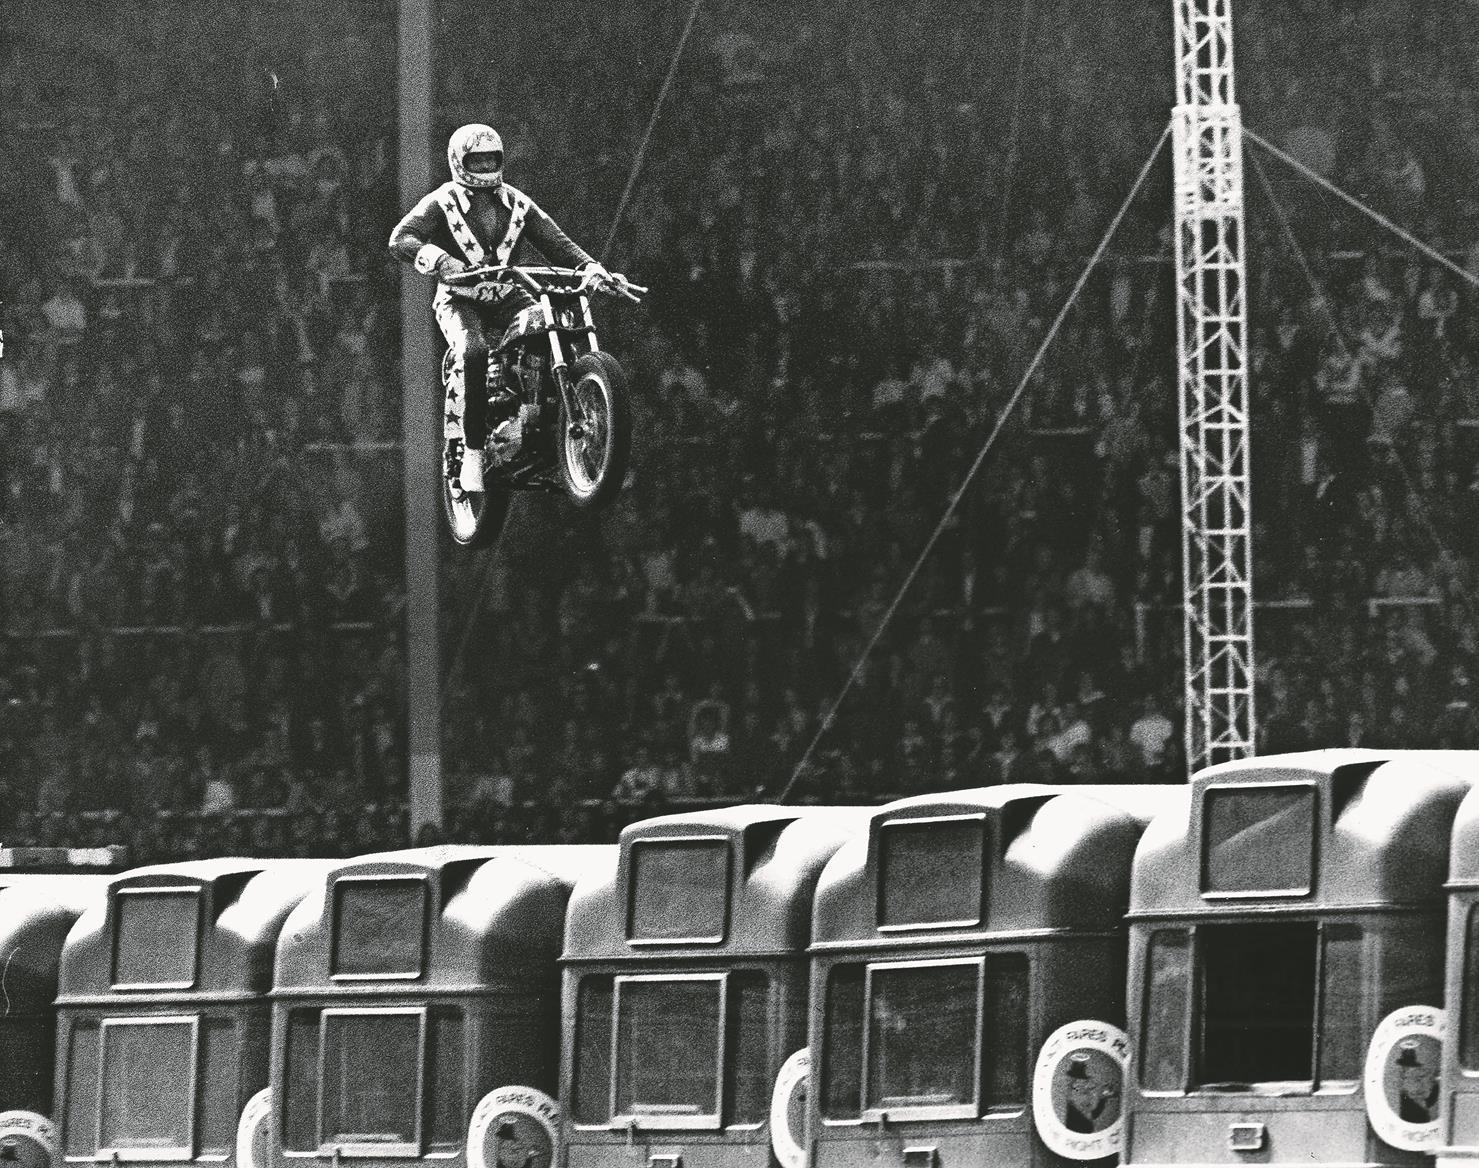 Evel Knievel at Wembley